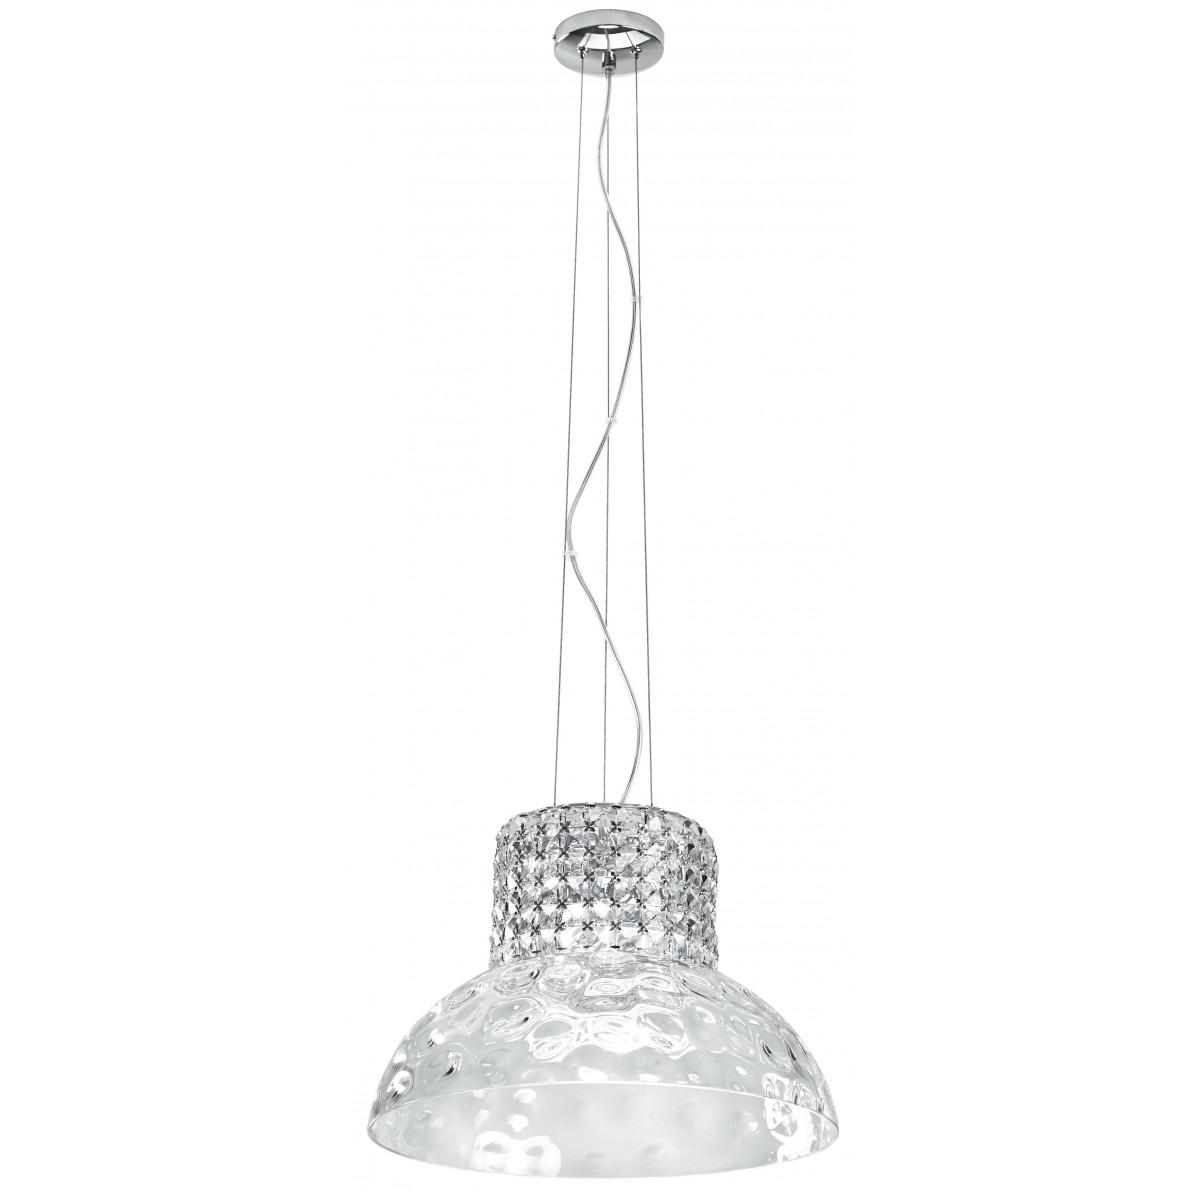 I-DANCE / S42 - Élégante suspension décorée de cristaux de verre K9, lustre moderne G9